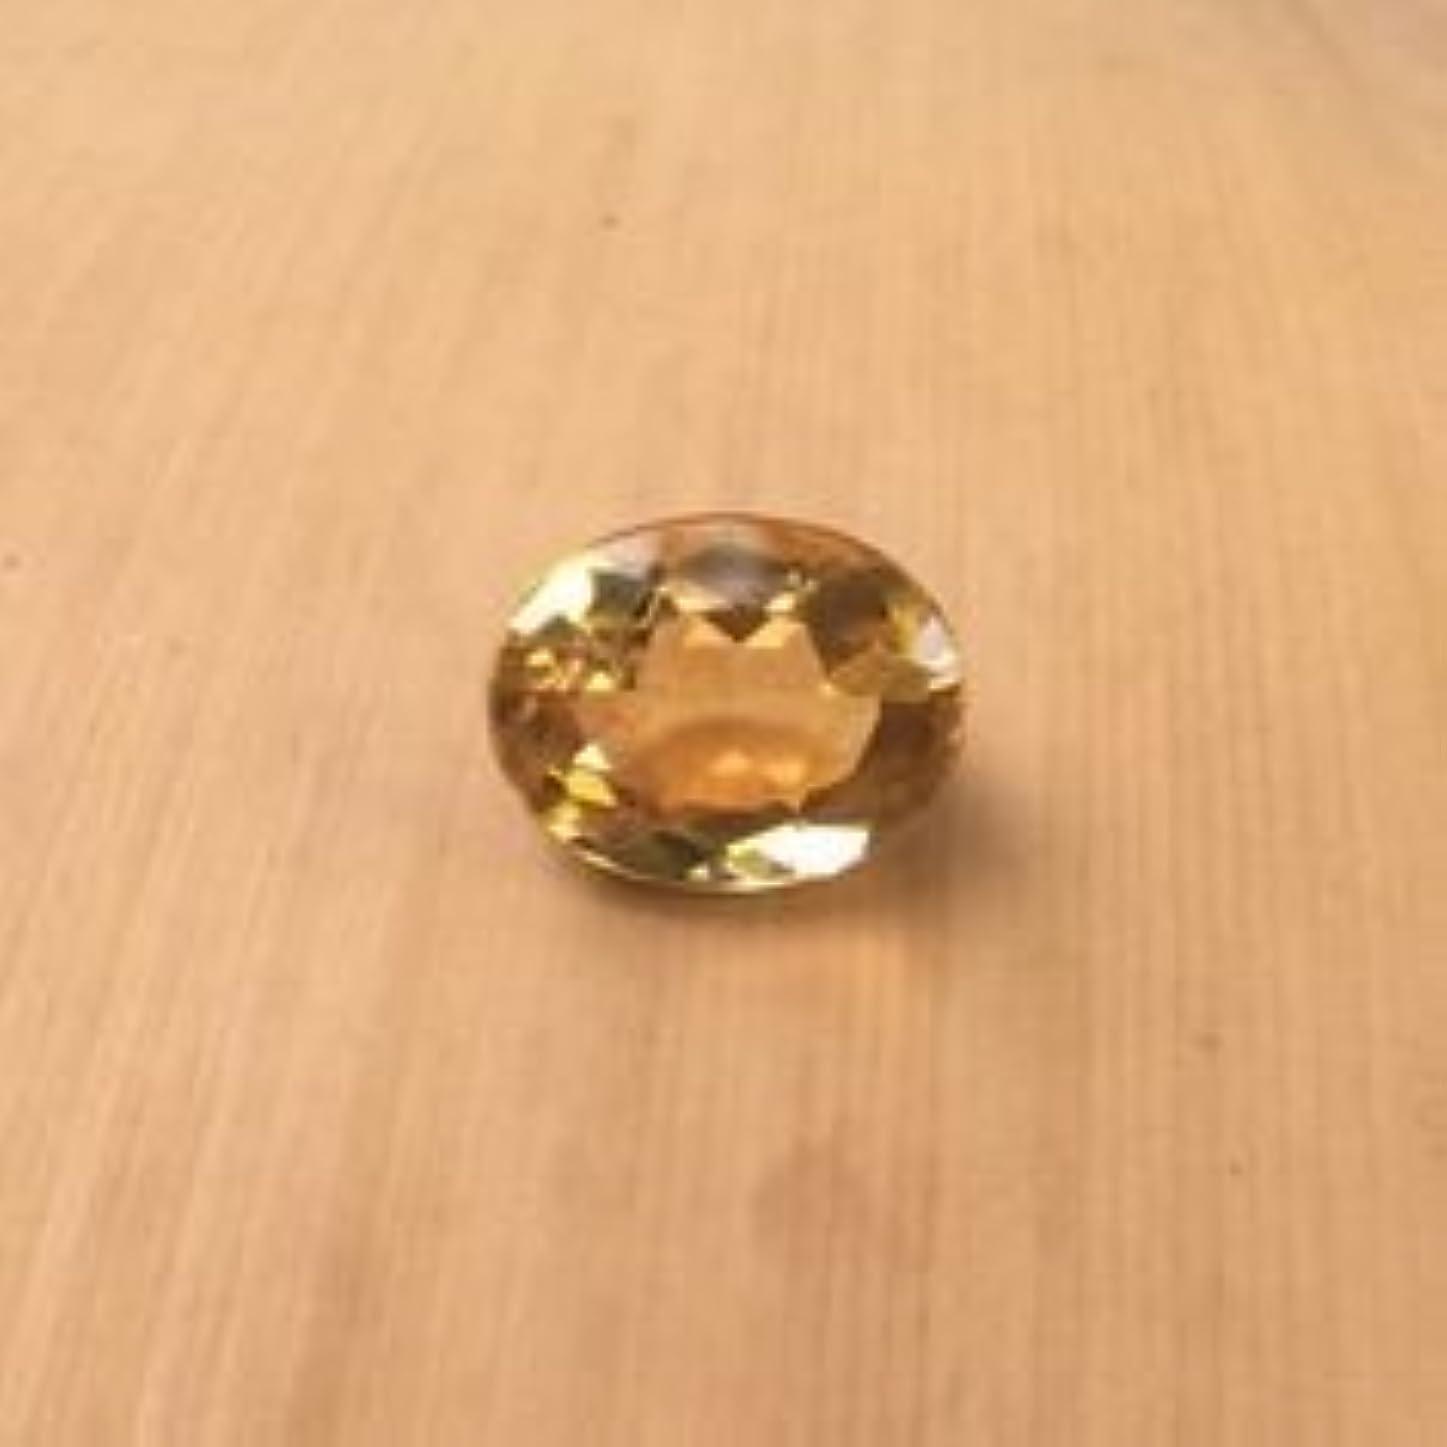 細胞非常に怒っています白菜sunela石元Certified Natural Citrine Gemstone 9.9 Carat By gemselect